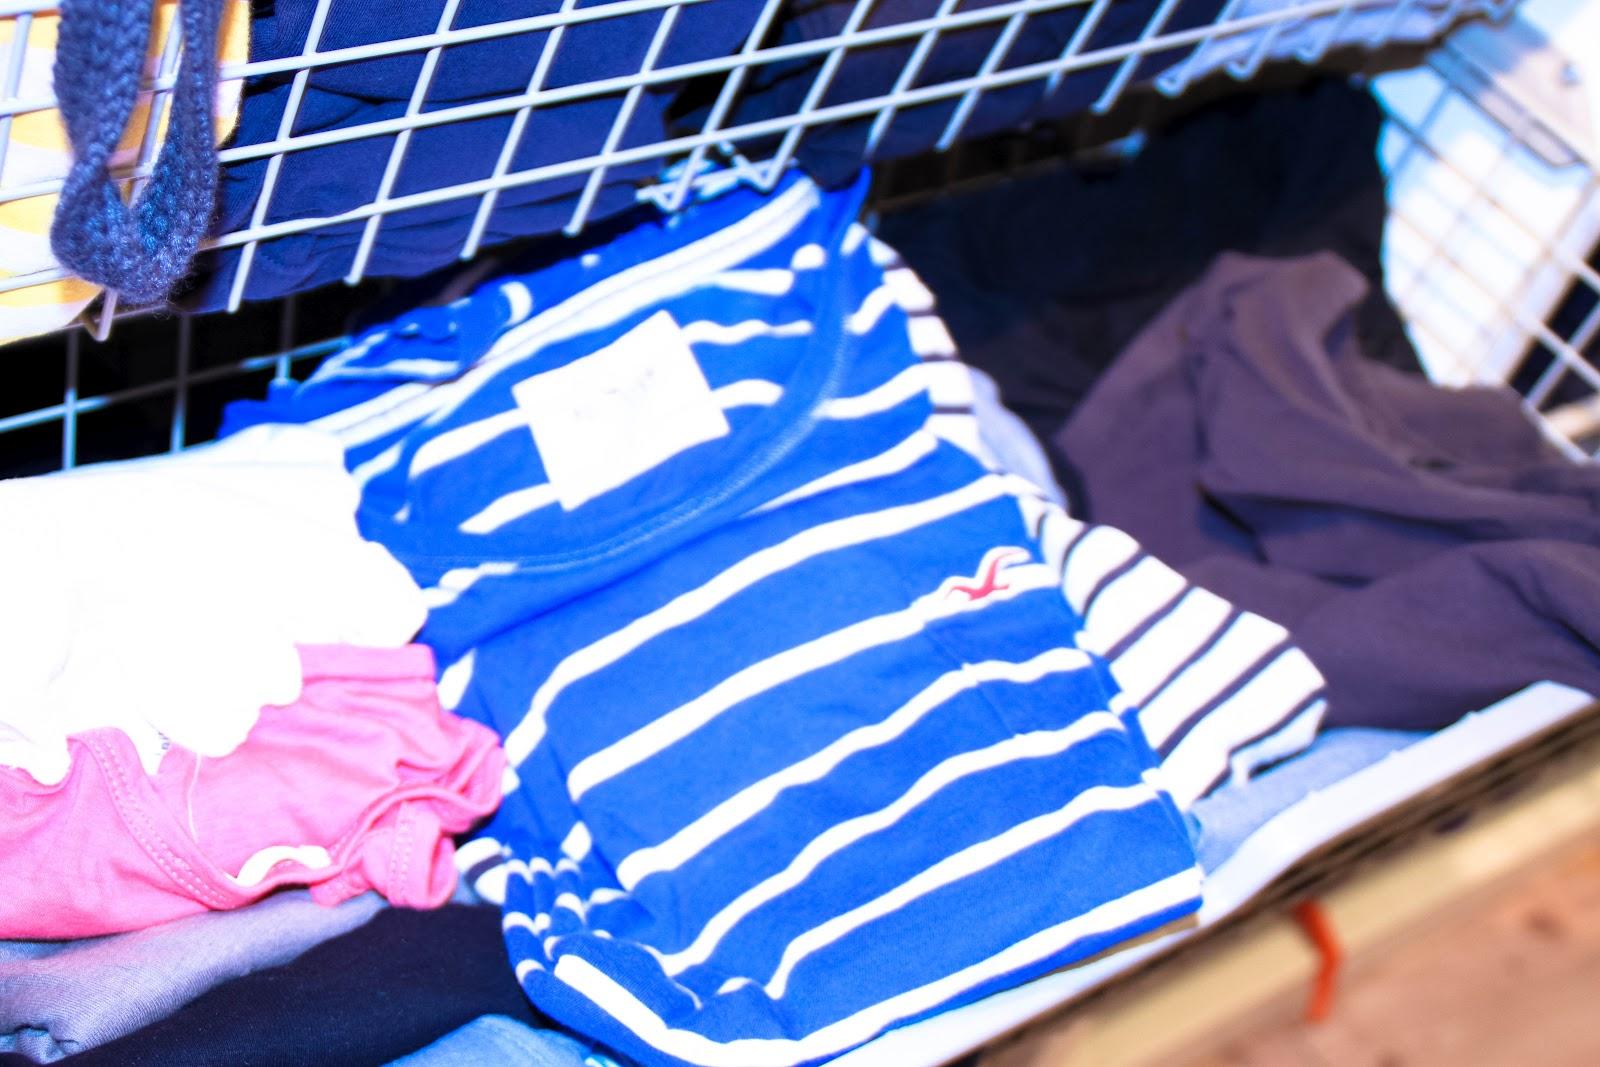 der perfekte kleiderschrank t shirts falten ordnungsliebe. Black Bedroom Furniture Sets. Home Design Ideas